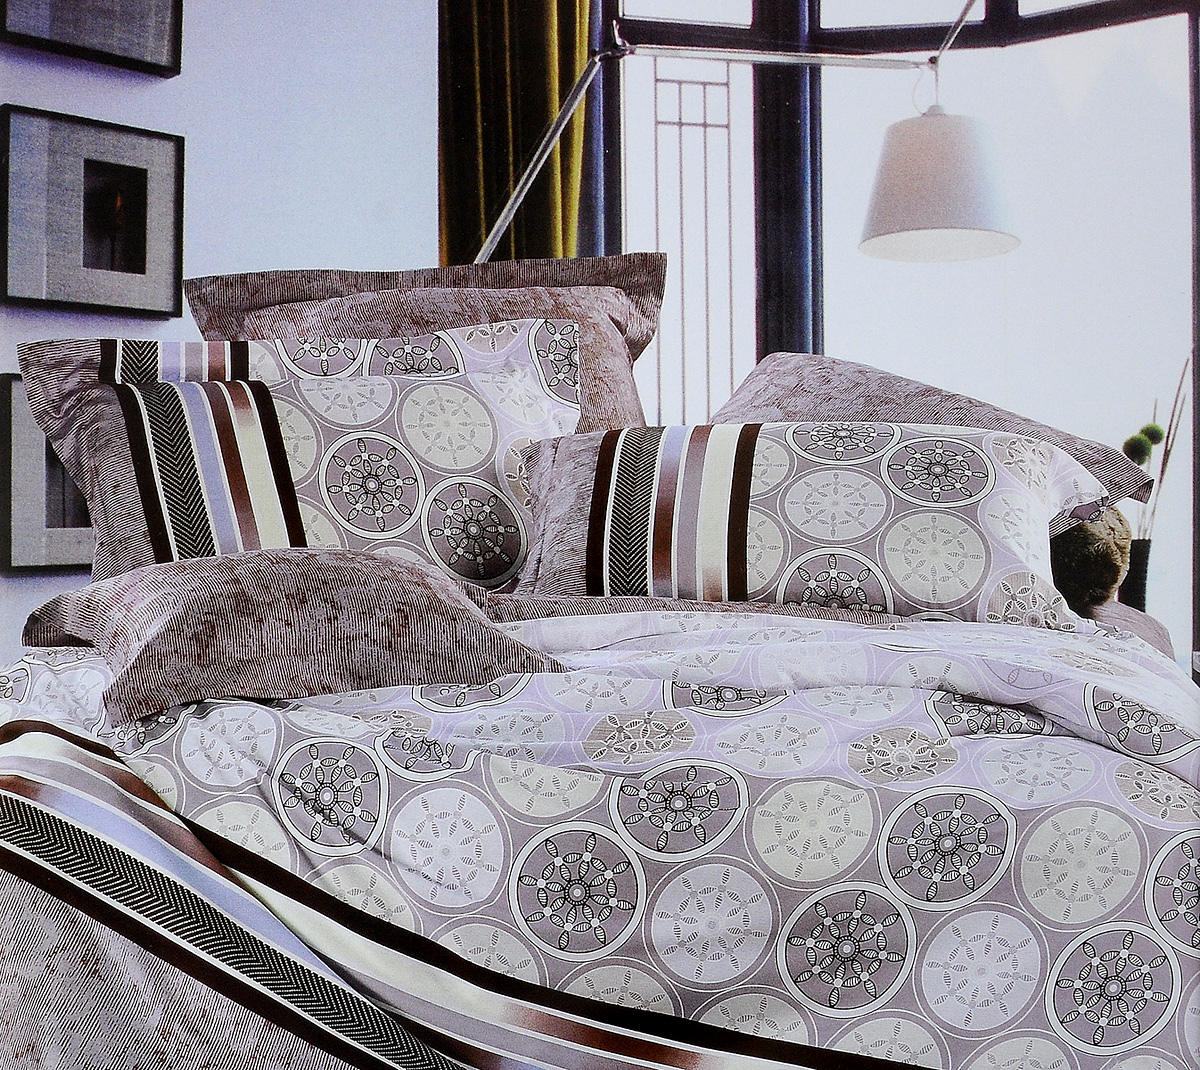 Комплект белья Tiffanys Secret Монако, евро, наволочки 70х70, цвет: кофейный391602Комплект белья Tiffanys Secret Монако, выполненный из сатина (100% хлопка), состоит из пододеяльника, простыни и двух наволочек.Сатин производится из высших сортов хлопка, а своим блеском, легкостью и на ощупь напоминает шелк. Такая ткань рассчитана на 200 стирок и более. Постельное белье из сатина превращает жаркие летние ночи в прохладные и освежающие, а холодные зимние - в теплые и согревающие. Благодаря натуральному хлопку, комплект постельного белья из сатина приобретает способность пропускать воздух, давая возможность телу дышать. Одно из преимуществ материала в том, что он практически не мнется и ваша спальня всегда будет аккуратной и нарядной..Приобретая комплект постельного белья Tiffanys Secret Монако, вы можете быть уверенны в том, что покупка доставит вам и вашим близким удовольствие и подарит максимальный комфорт.